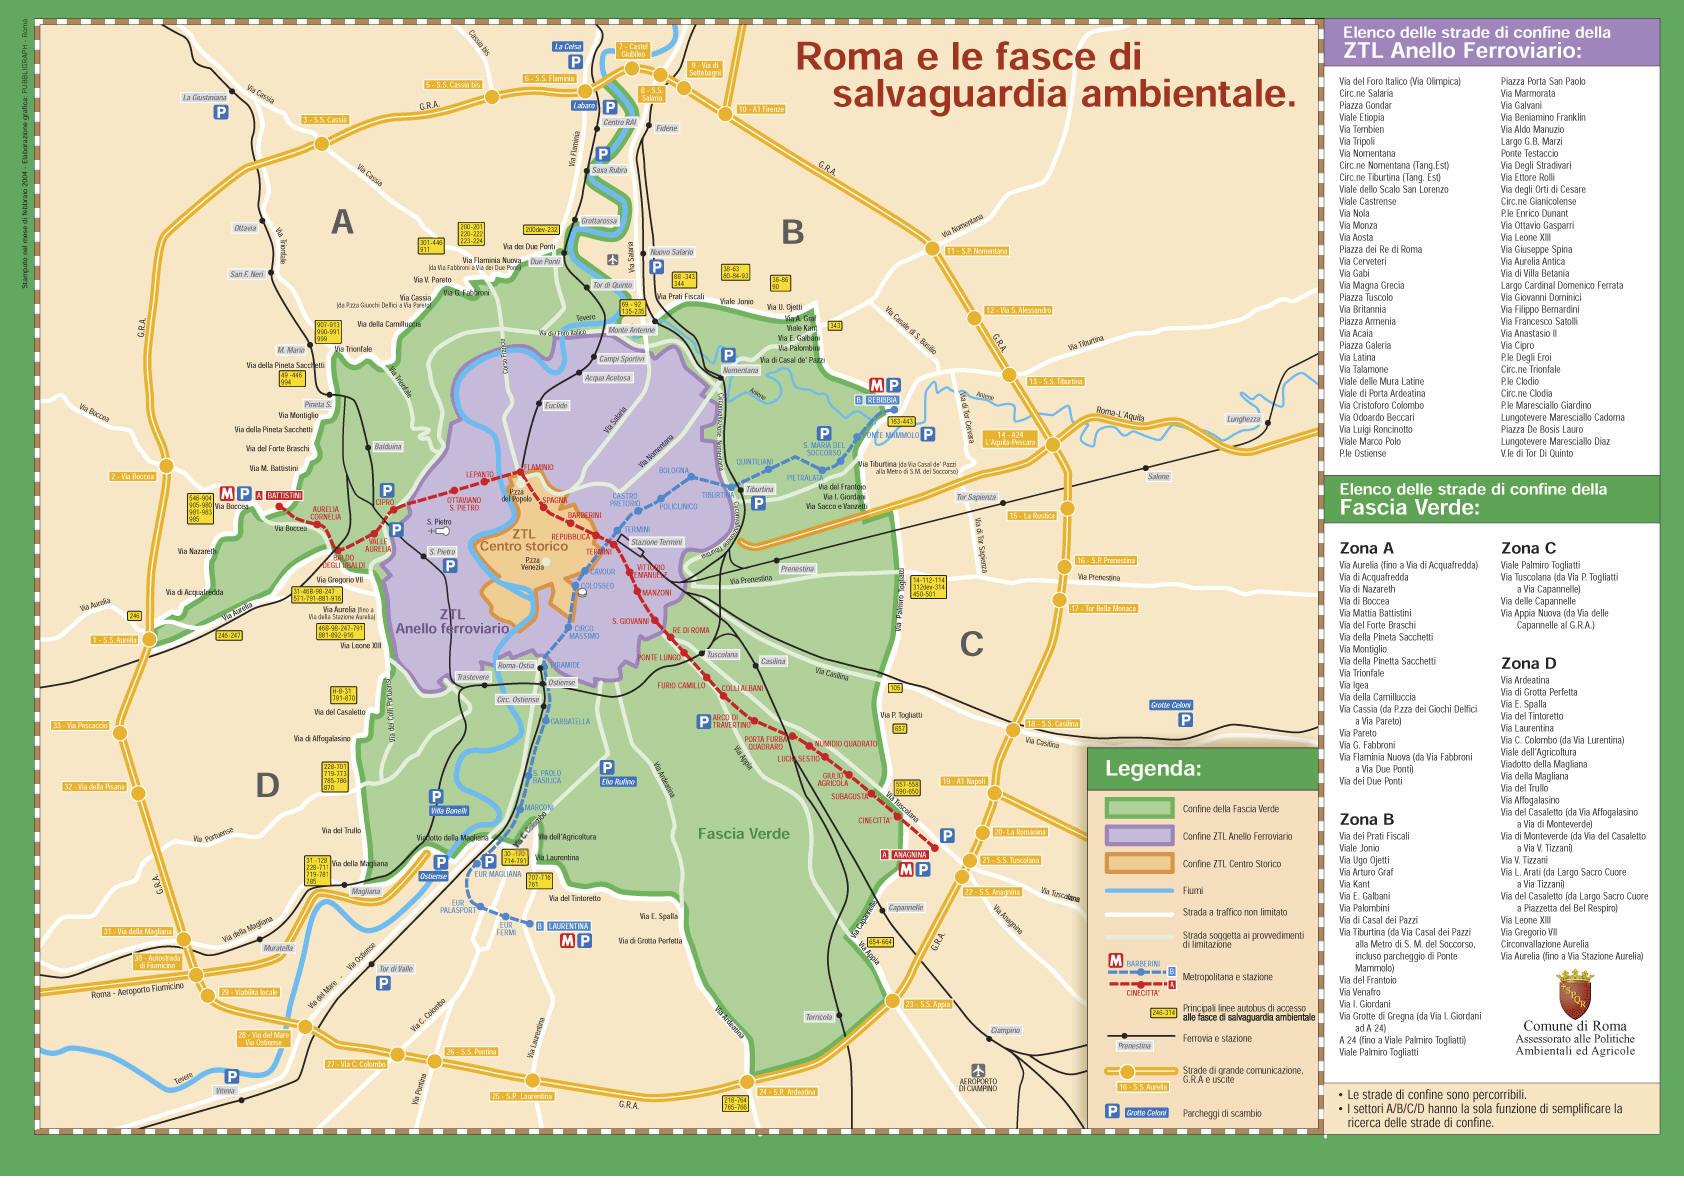 FASCIA VERDE ROMA EBOOK